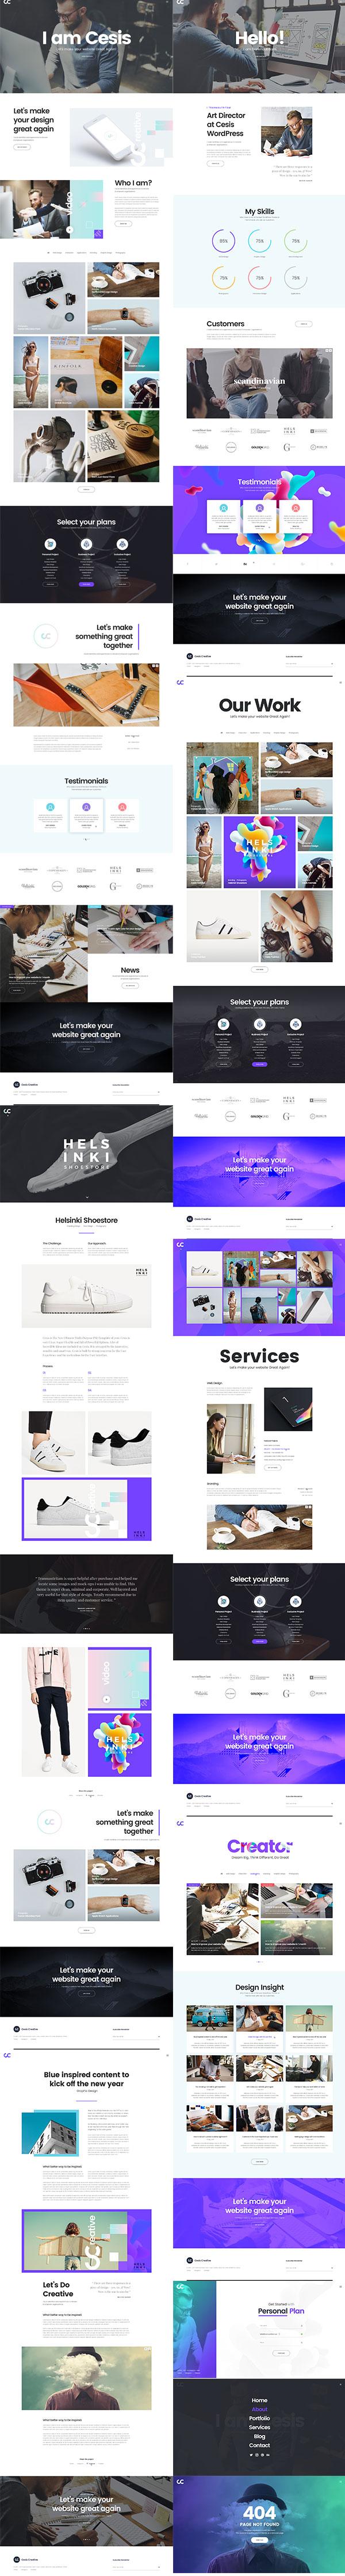 创意网站设计模板